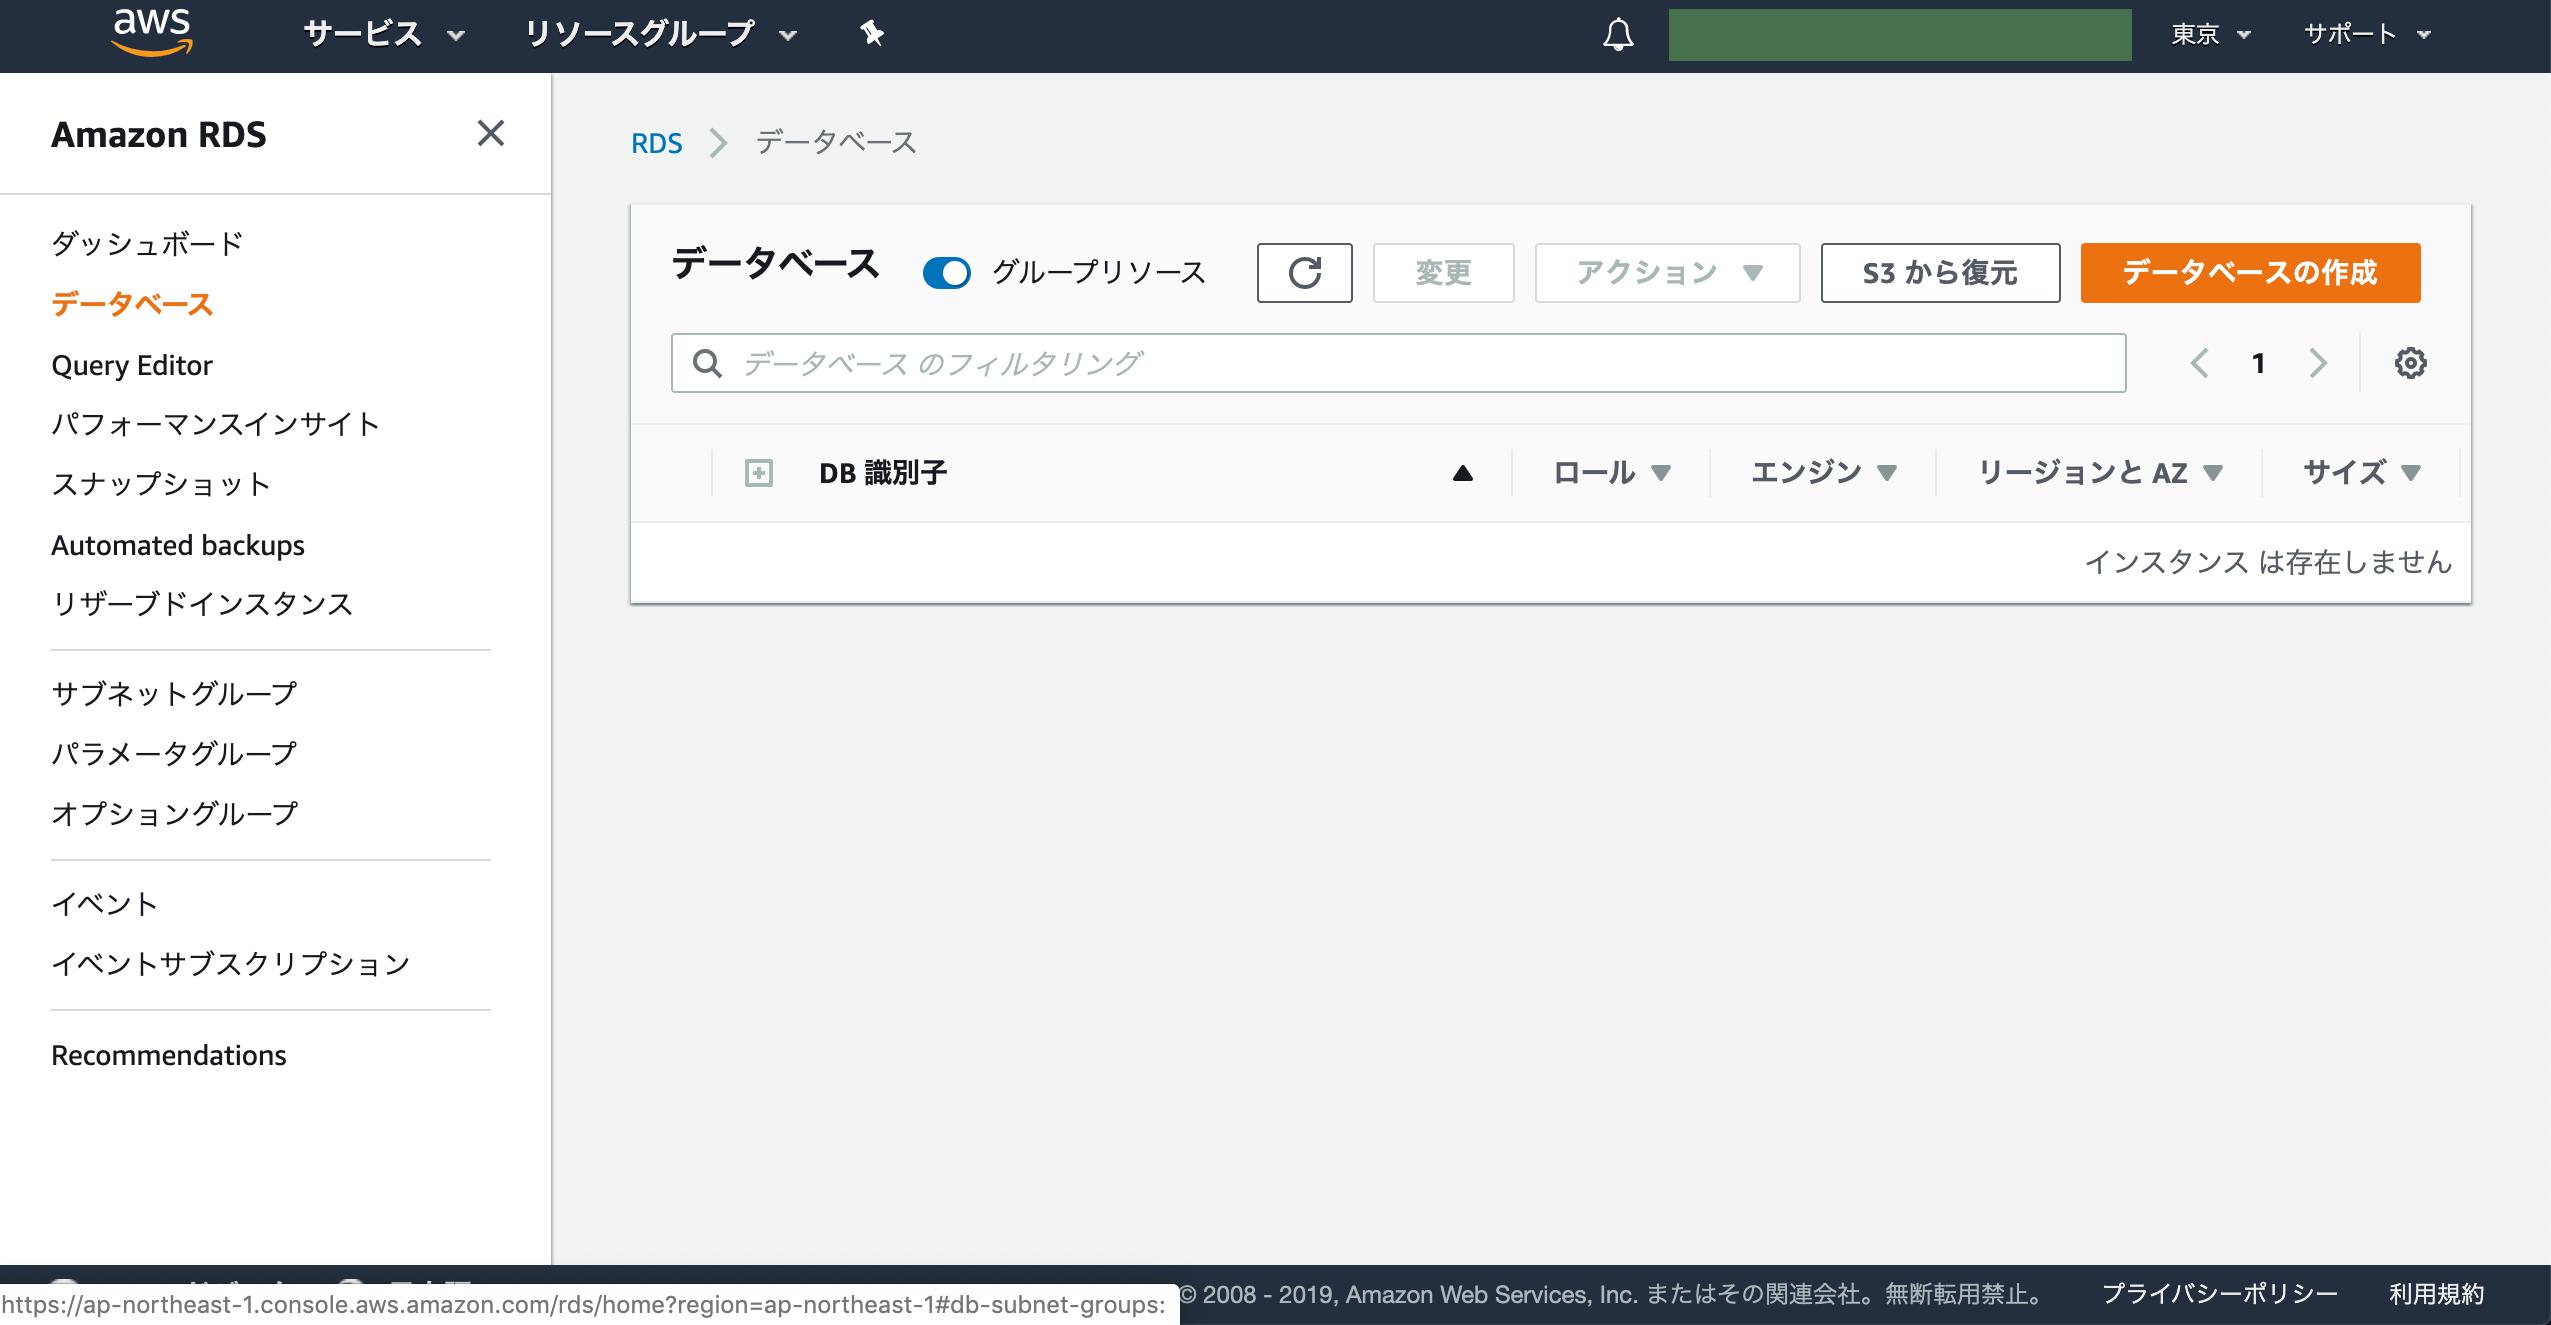 スクリーンショット 2019-09-26 1.59.52.png